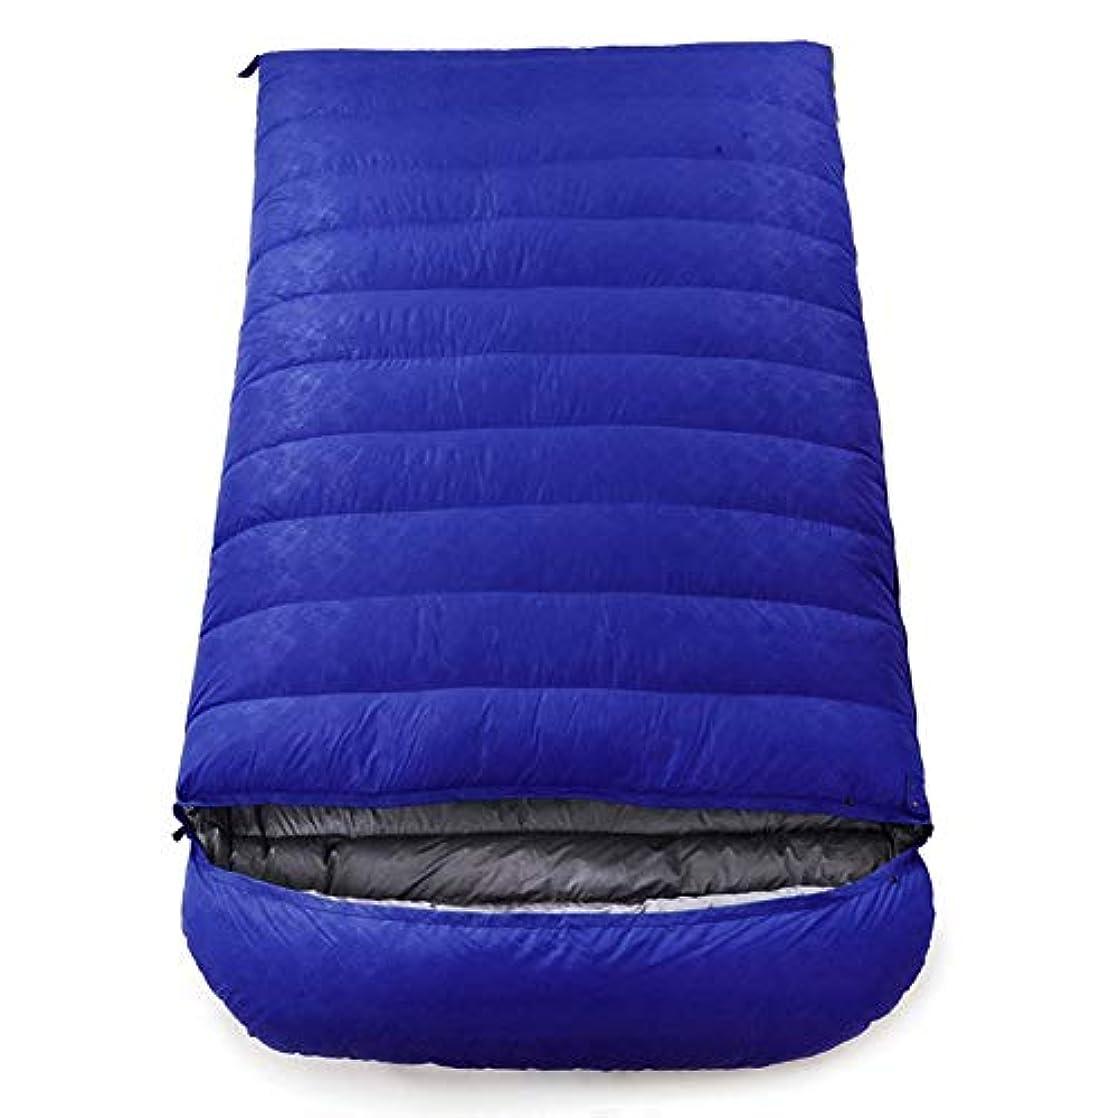 ギネス微視的漂流寝袋、軽量防水睡眠バッグ4シーズンキャンプハイキングポータブル睡眠袋大人2人快適封筒スリーピングパッド,darkblue,3000g